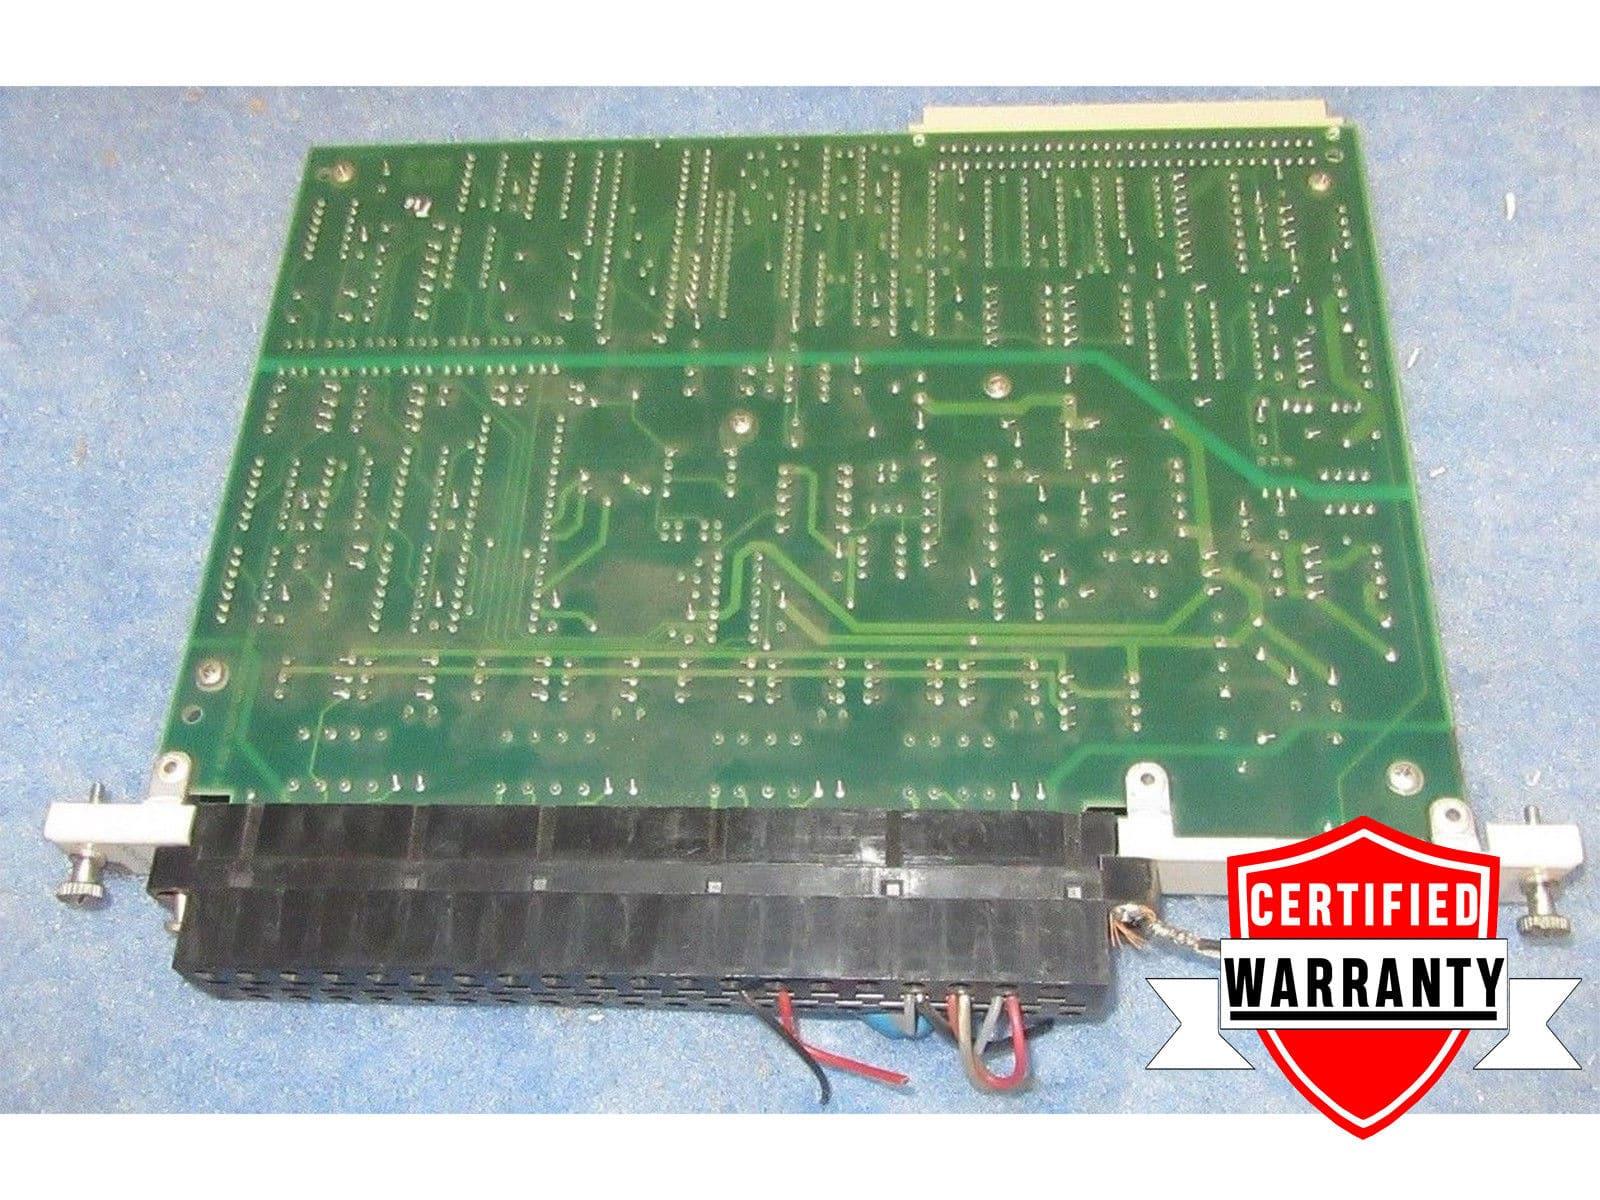 Siemens Analog Input Module      505-6108A